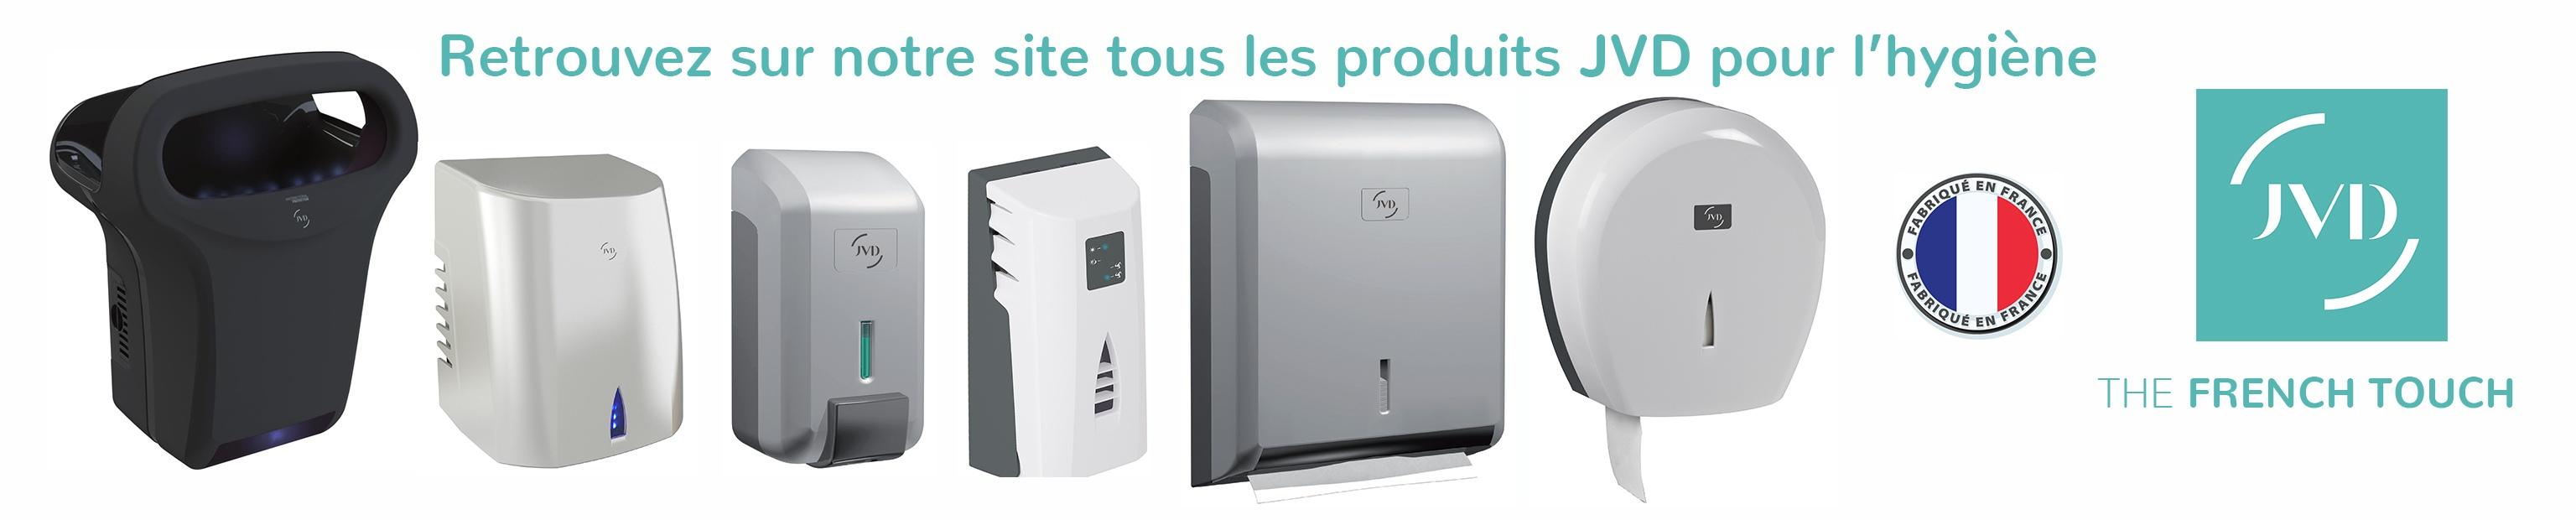 Les produits JVD offrent un excellent rapport qualité/prix